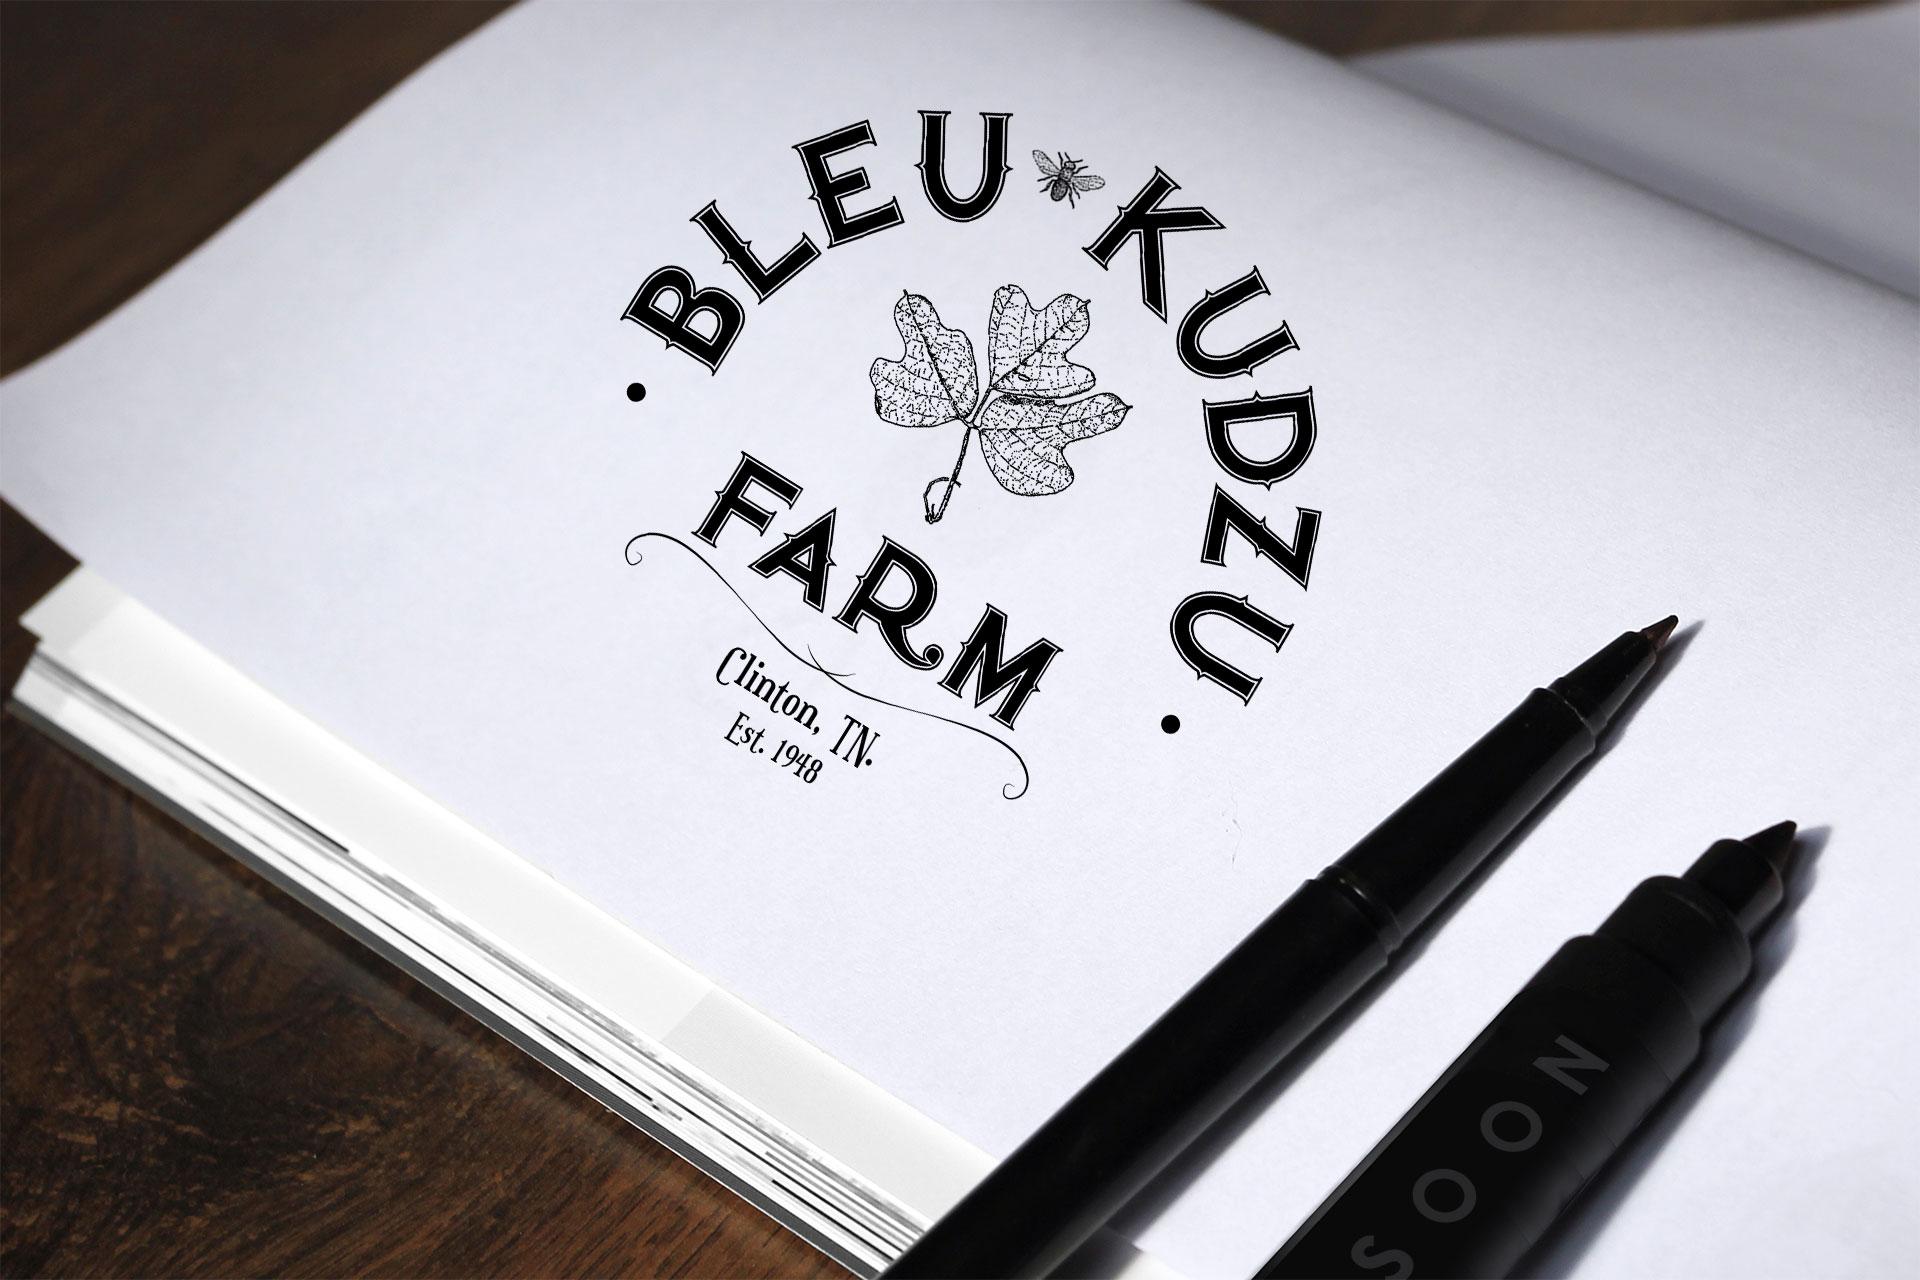 BleuKudzuLogo.jpg